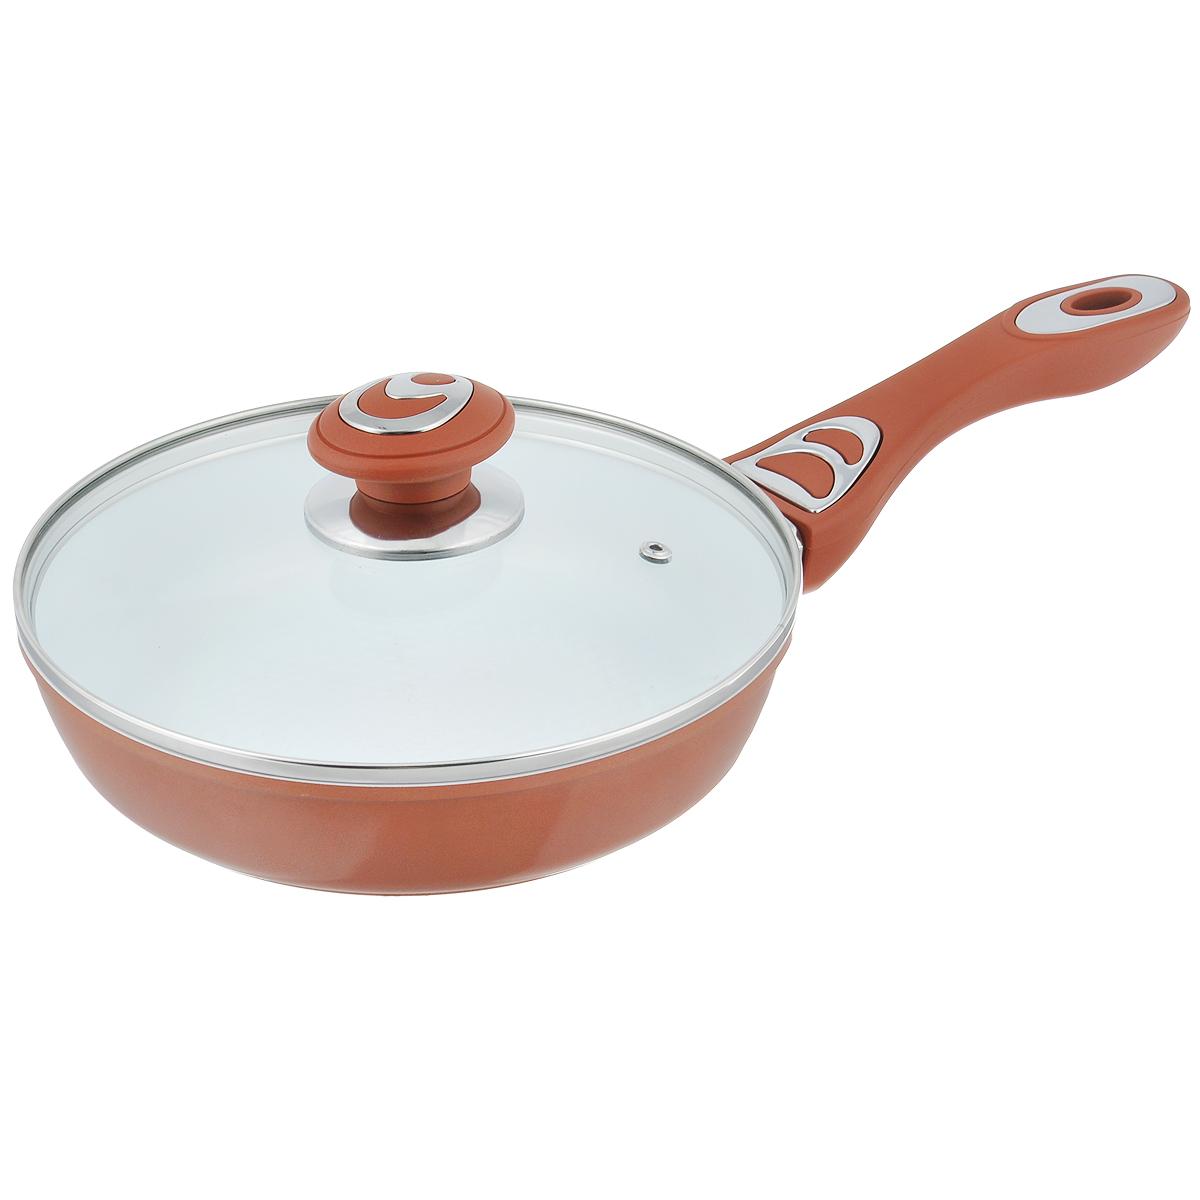 Сковорода Bohmann с крышкой, с керамическим покрытием, цвет: коричневый. Диаметр 22 см. 7512BH/NEW7512BH/NEW_коричневыйСковорода Bohmann изготовлена из алюминия с износоустойчивым керамическим покрытием. Благодаря керамическому покрытию пища не пригорает и не прилипает к поверхности сковороды, что позволяет готовить с минимальным количеством масла. Кроме того, такое покрытие абсолютно безопасно для здоровья человека, так как не содержит вредной примеси PTFE. Керамическое покрытие устойчиво к высоким температурам, резким перепадам температур и коррозии. Покрытие устойчиво к царапинам и имеет водоотталкивающий эффект. Рифленая внутренняя поверхность сковороды в виде сот обеспечивает быстрое и легкое приготовление. Внешнее покрытие - жаростойкий лак, который сохраняет цвет долгое время и обладает жироотталкивающими свойствами. Сковорода быстро разогревается, распределяя тепло по всей поверхности, что позволяет готовить в энергосберегающем режиме, значительно сокращая время, проведенное у плиты. Сковорода оснащена удобной ручкой, выполненной из бакелита с...